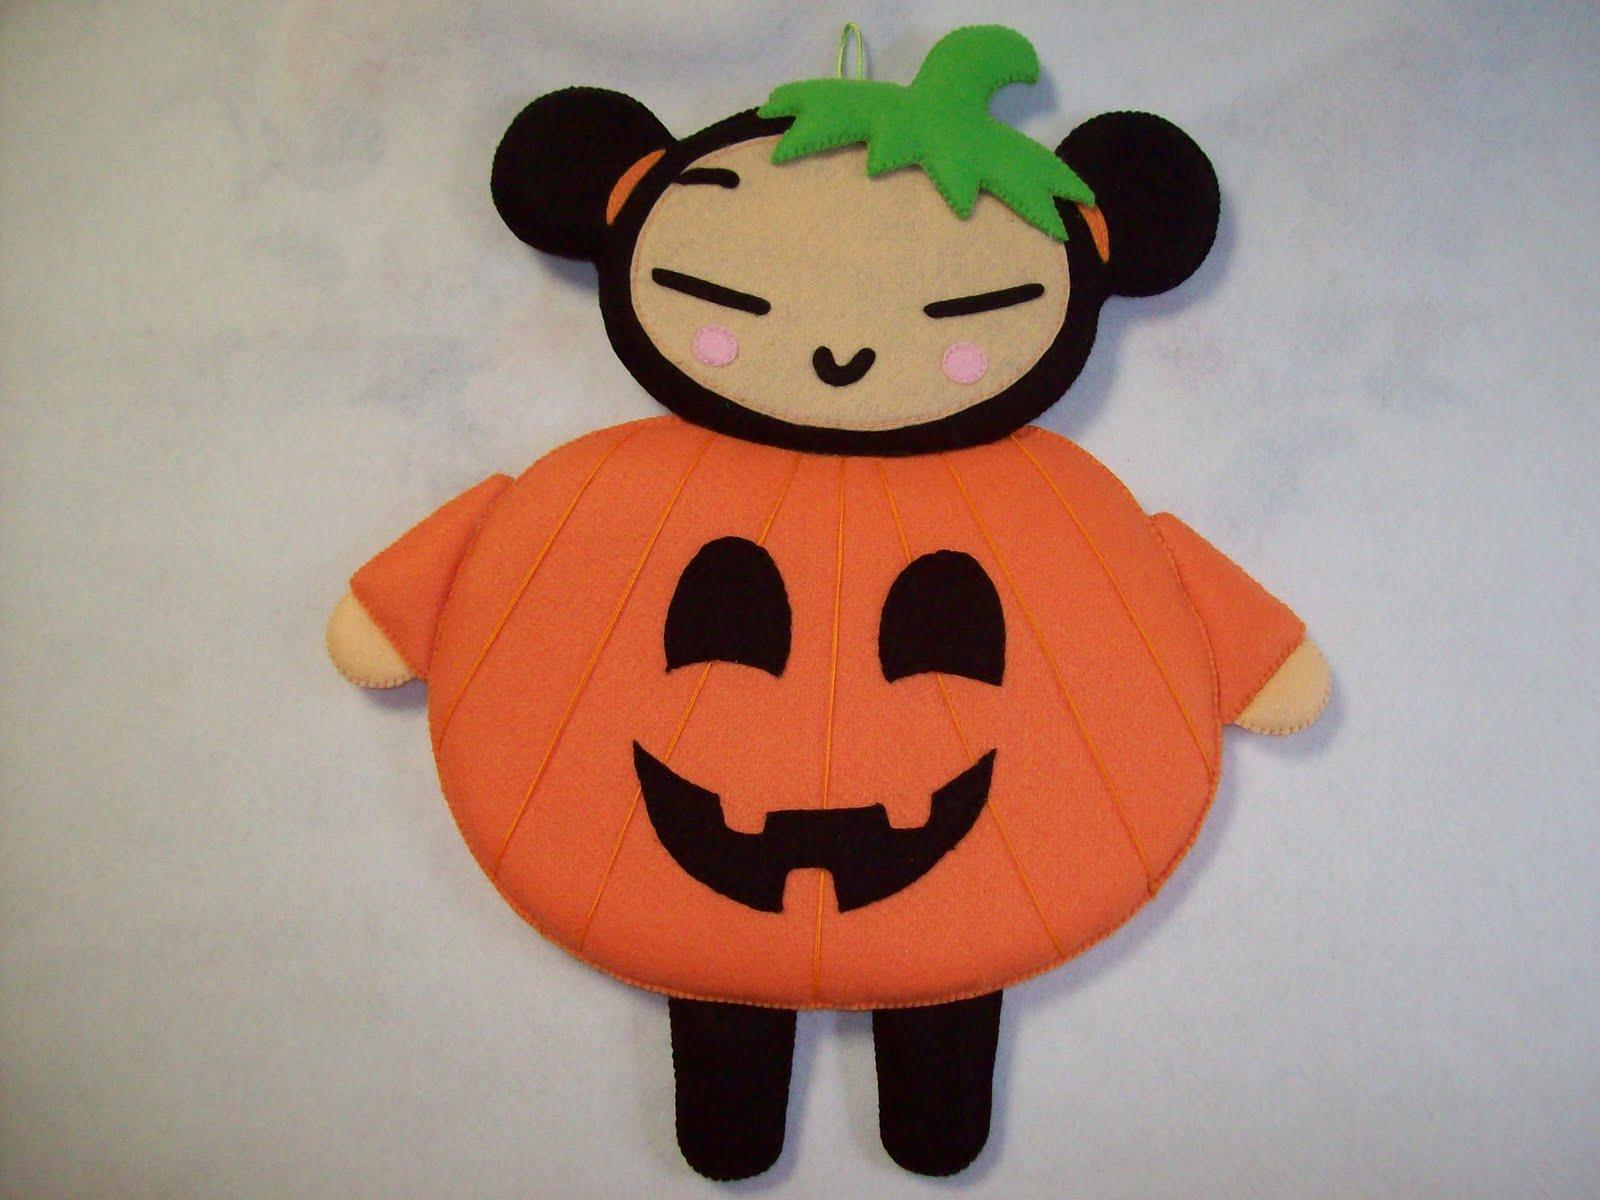 Shexeldetallitos blog de manualidades temporada de halloween - Calabazas de halloween manualidades ...